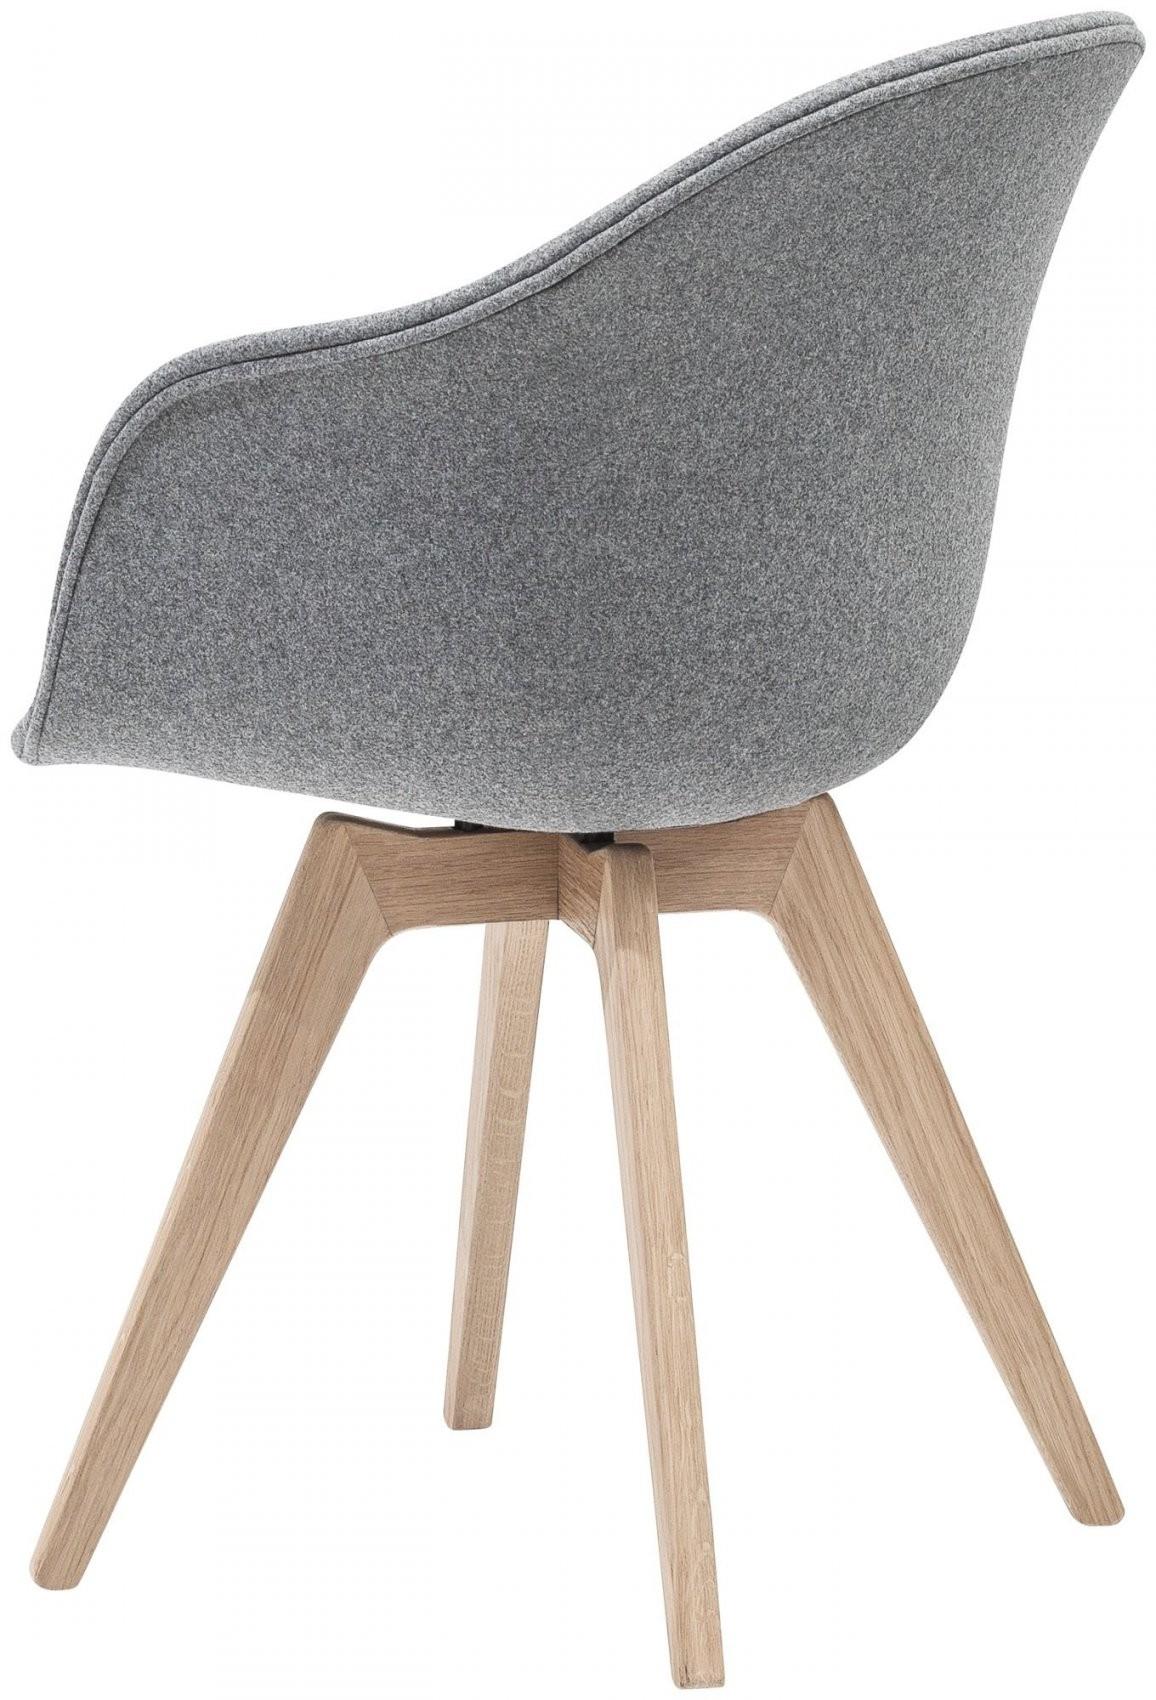 Moderne Designer Esszimmerstühle Online Kaufen  Boconcept®  Stühle von Esszimmerstühle Modernes Design Bild